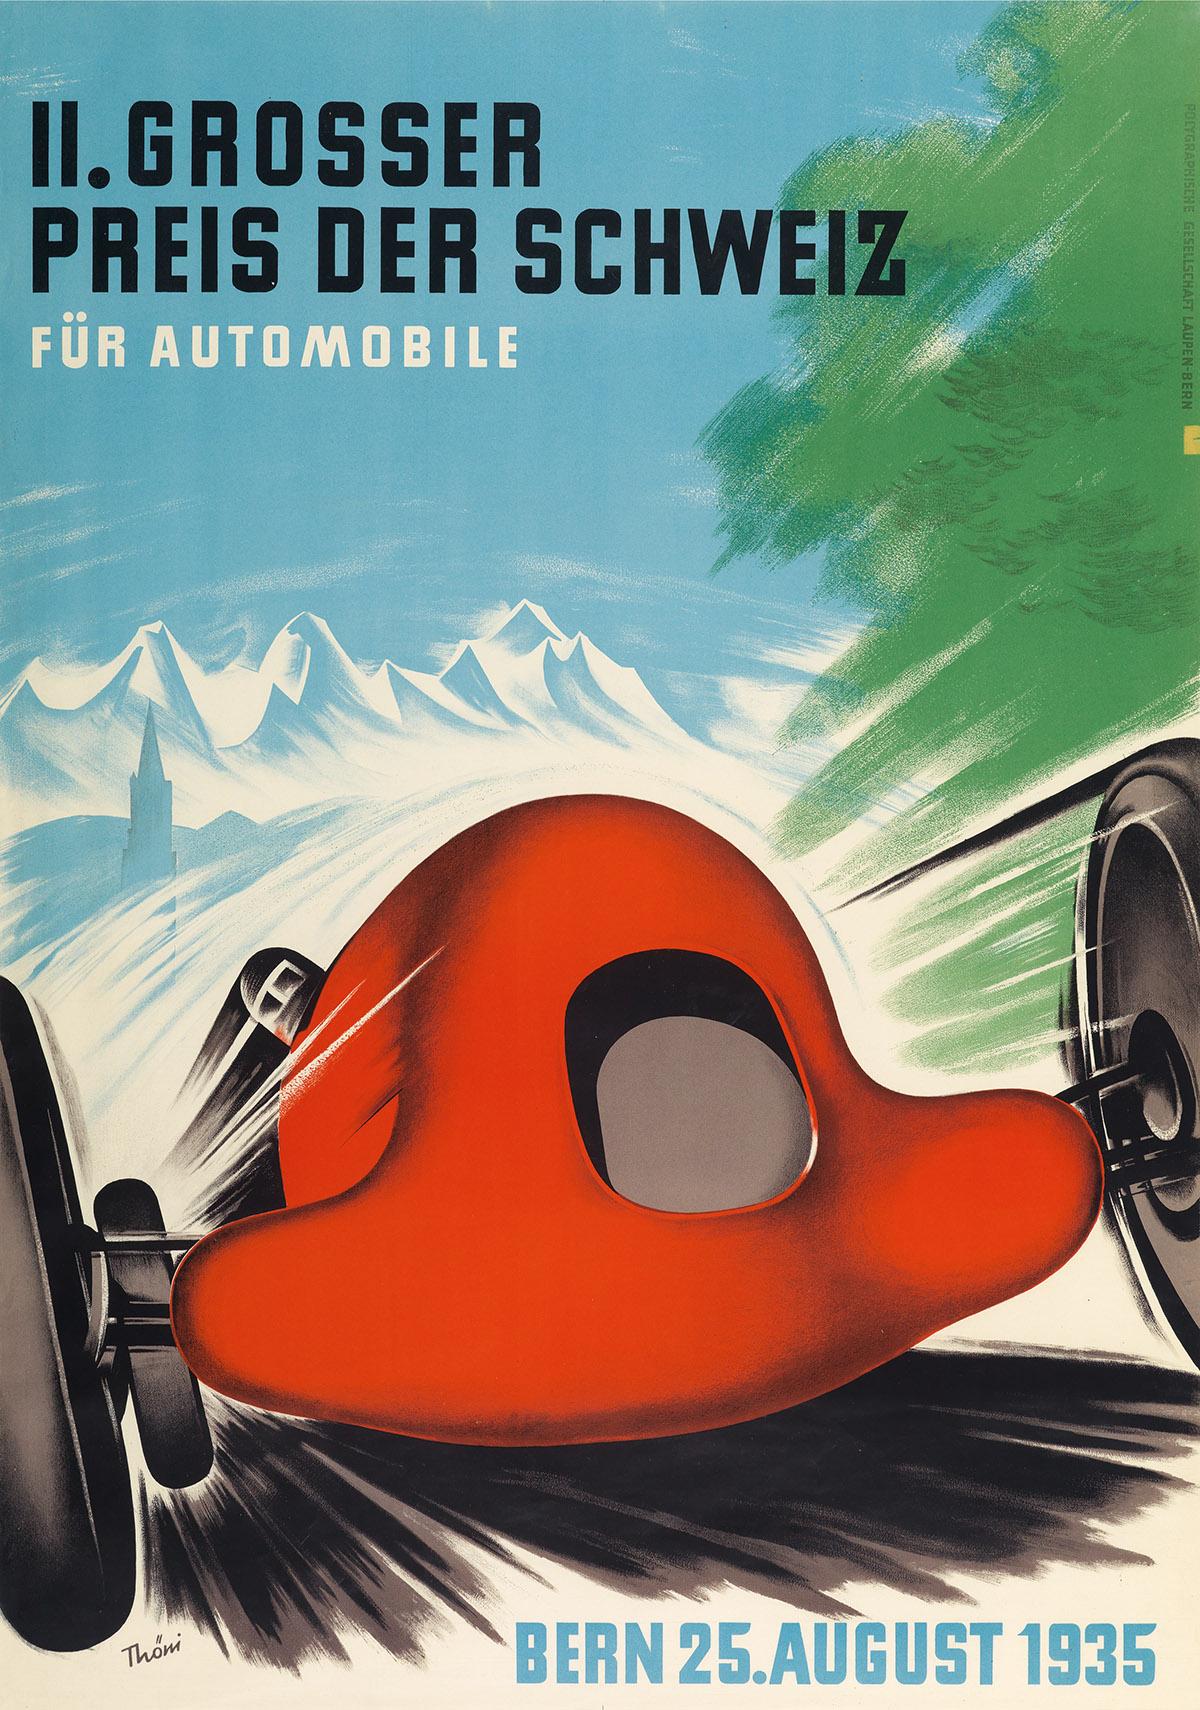 HANS THÖNI (1906-1980). II. GROSSER PREIS DER SCHWEIZ / FÜR AUTOMOBILE. 1935. 39x27 inches, 99x69 cm. Polygraphische Gesellschaft Laupe